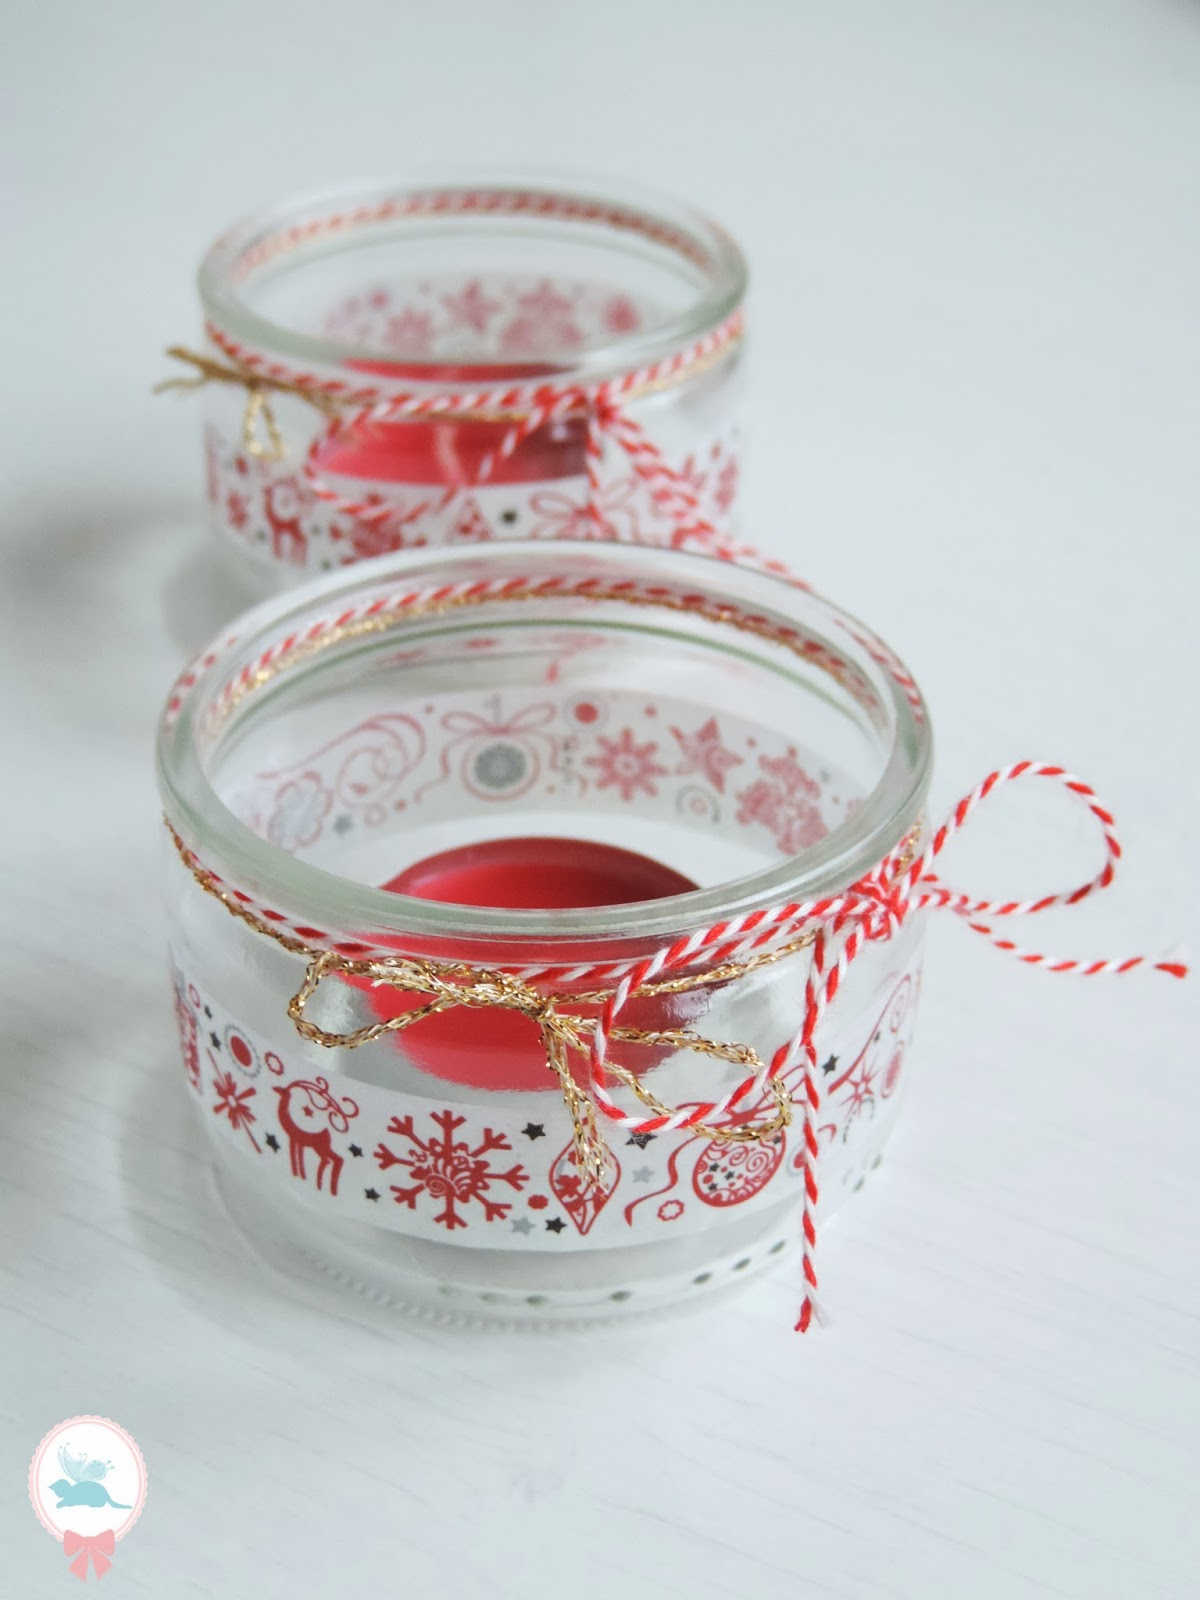 #9D2E30 Rose Coton: DIY Photophores De Noël 5665 idée déco noel cycle 3 1200x1600 px @ aertt.com